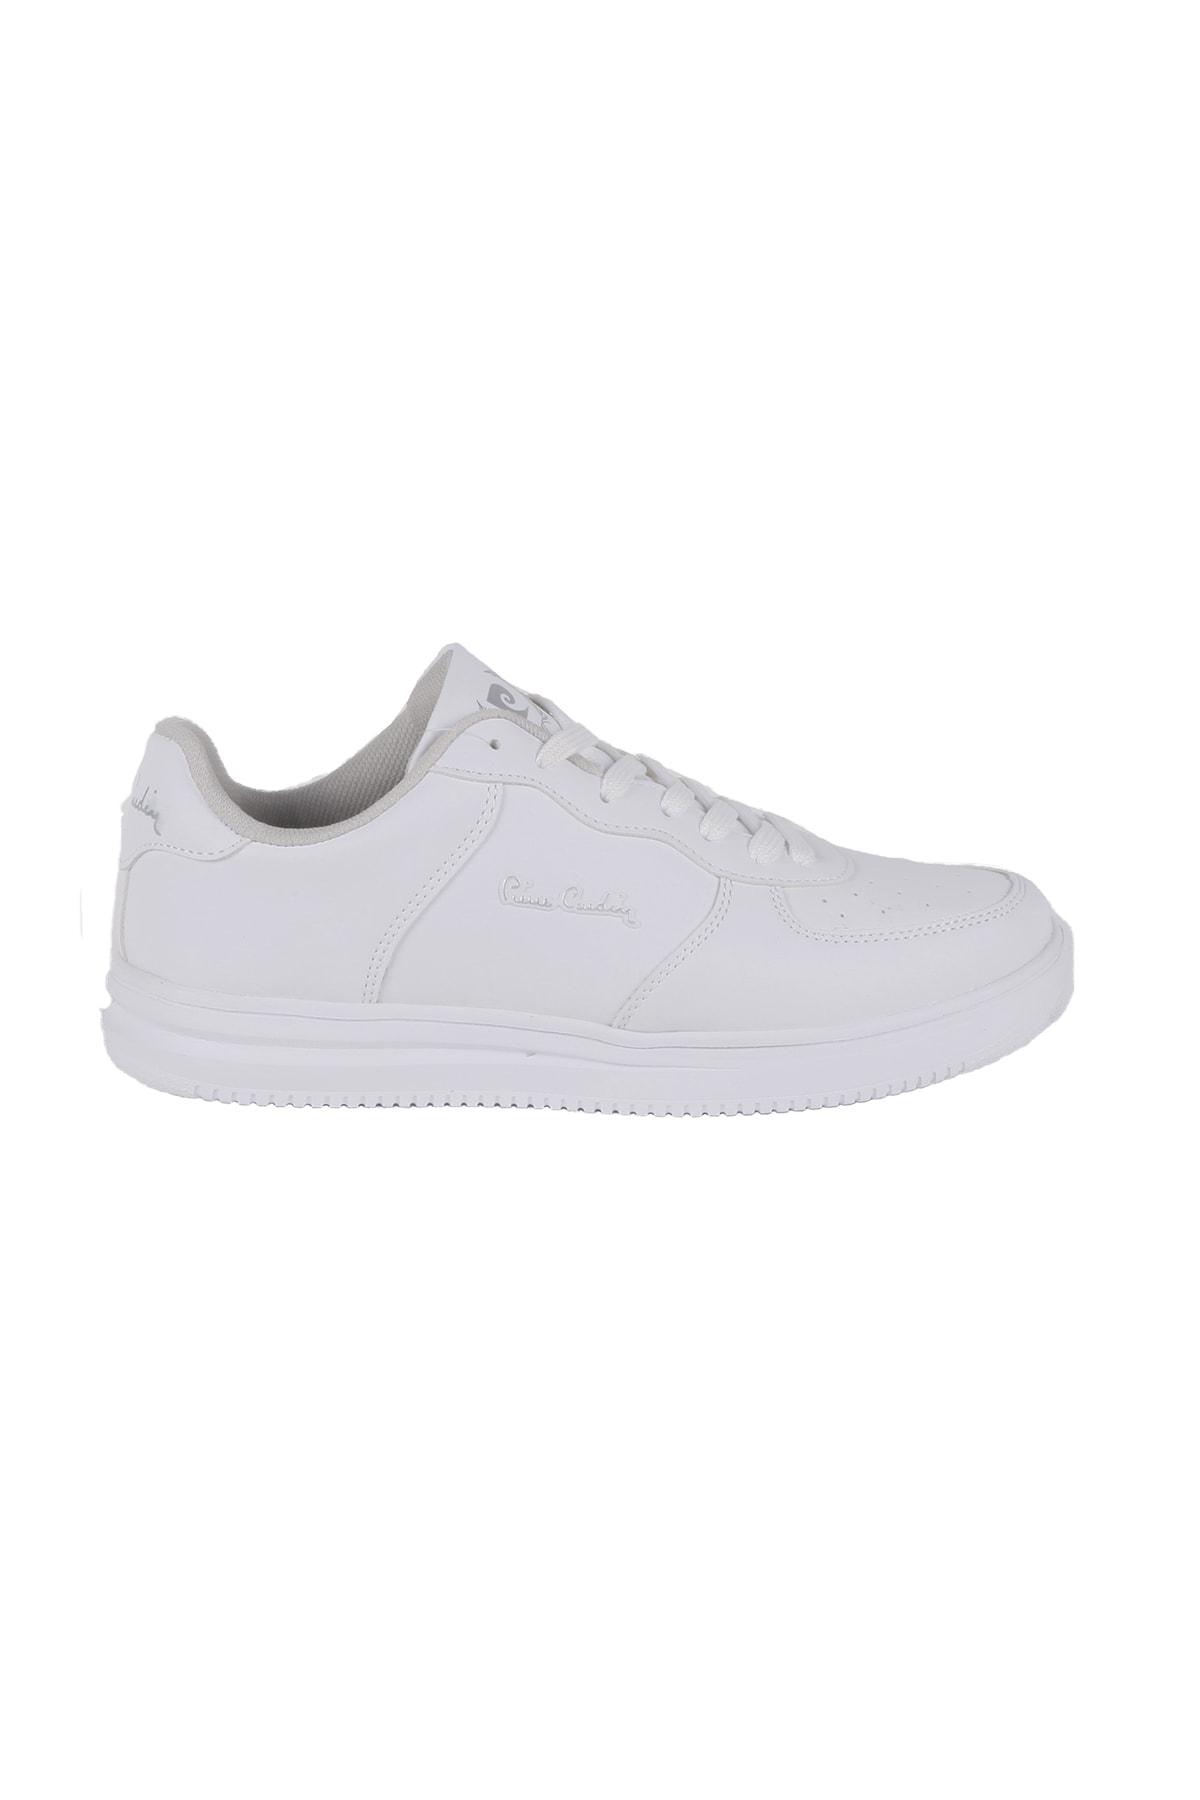 Pierre Cardin Kadın Spor Ayakkabı PCS-10148 Beyaz/White 20S04PCS10148